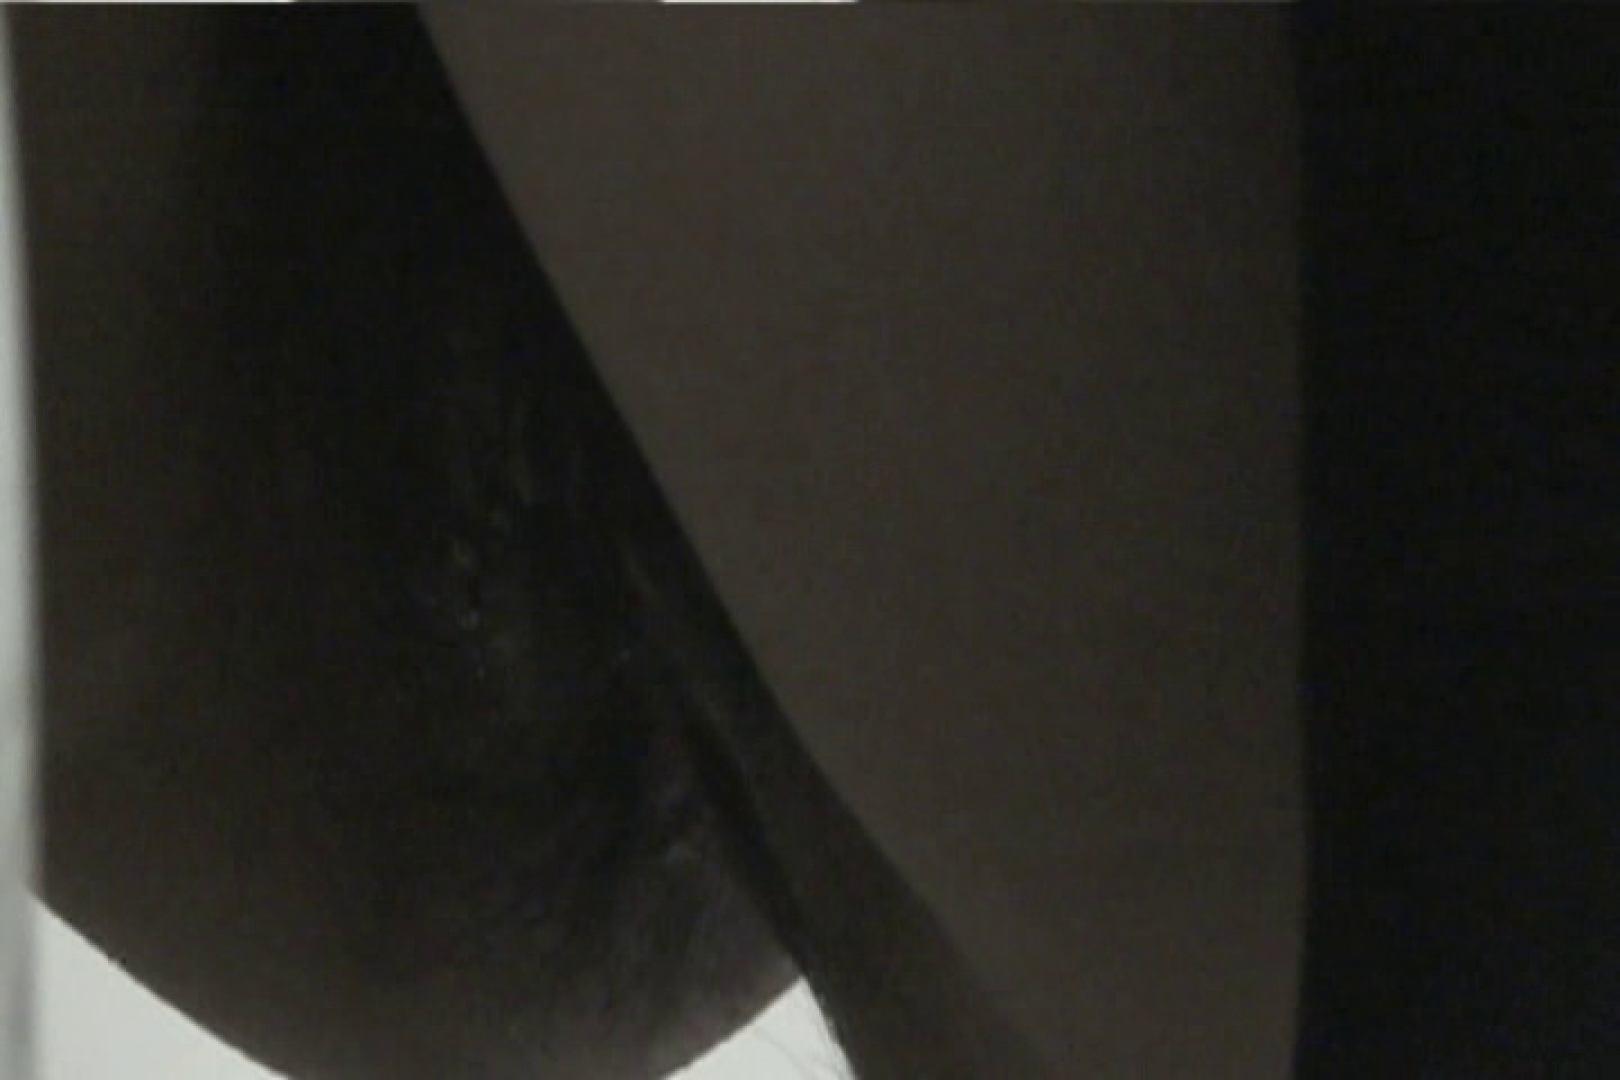 マンコ丸見え女子洗面所Vol.22 丸見えマンコ   無修正マンコ  60PIX 17